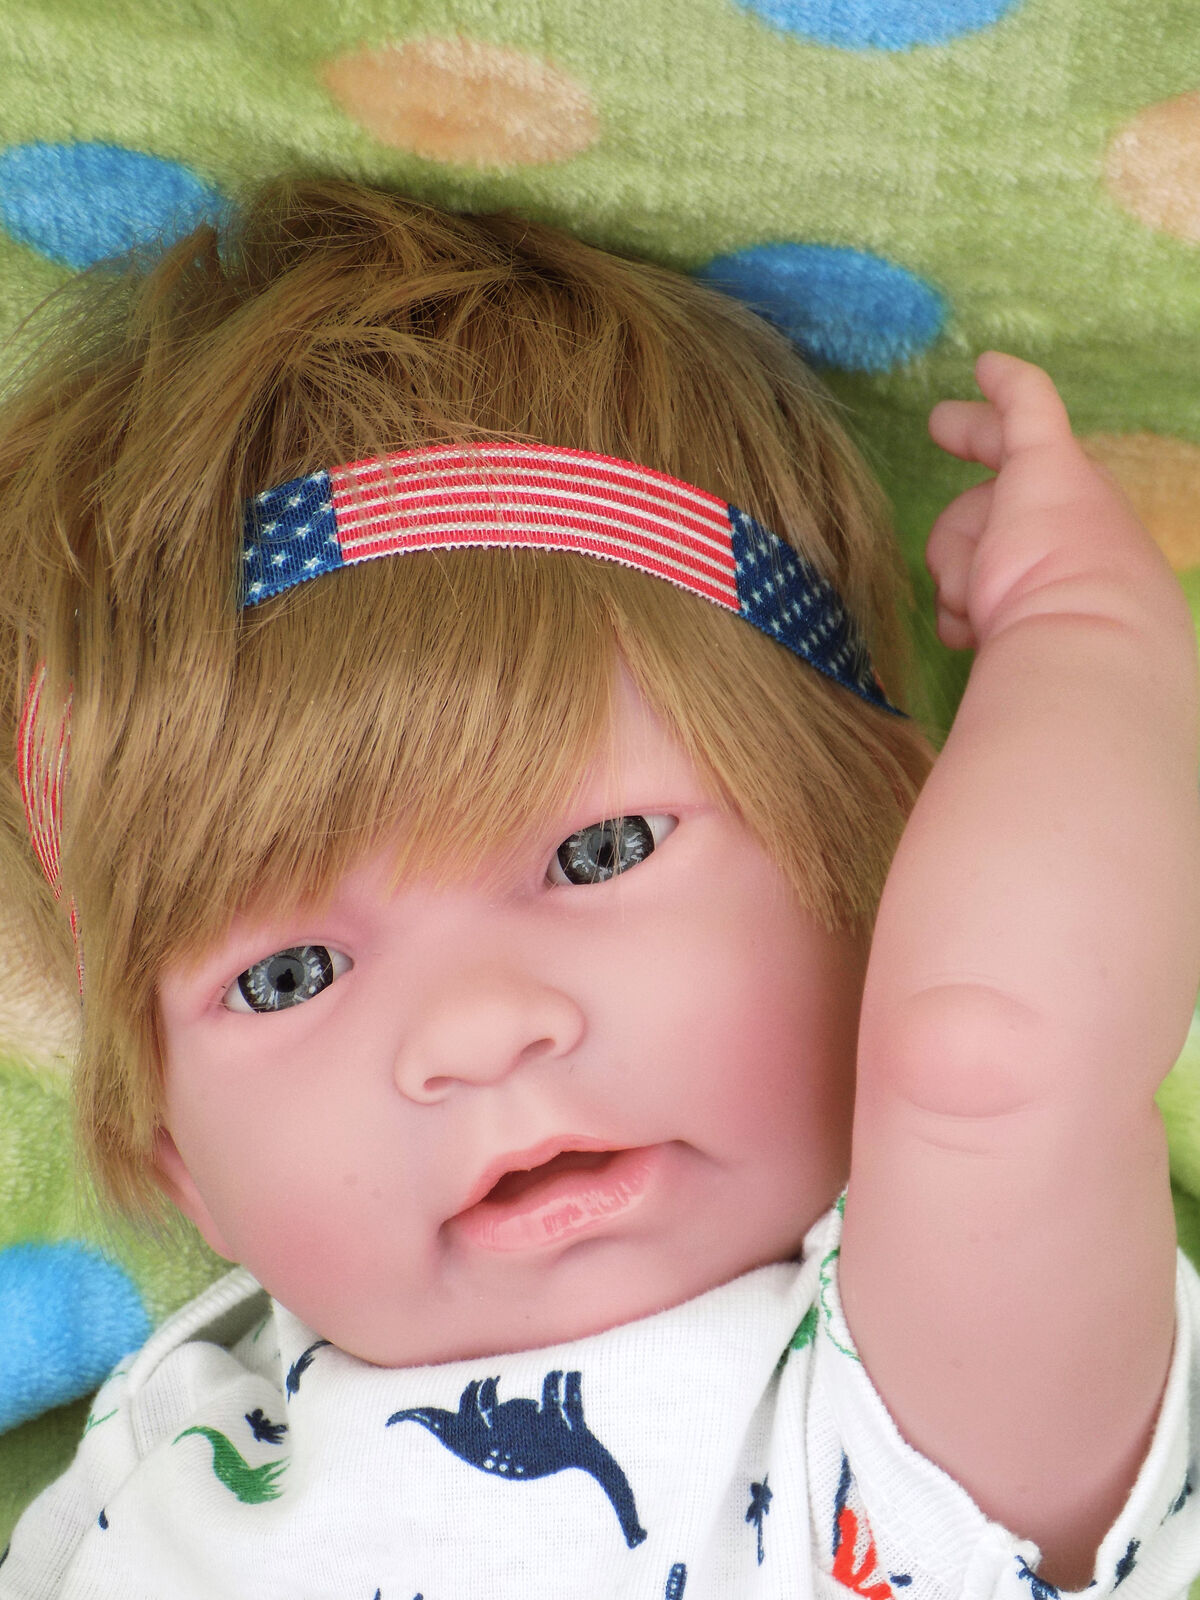 Bambino American Biondo Bambola 17    Berenguer Alive Neonato Reborn Morbido  protezione post-vendita